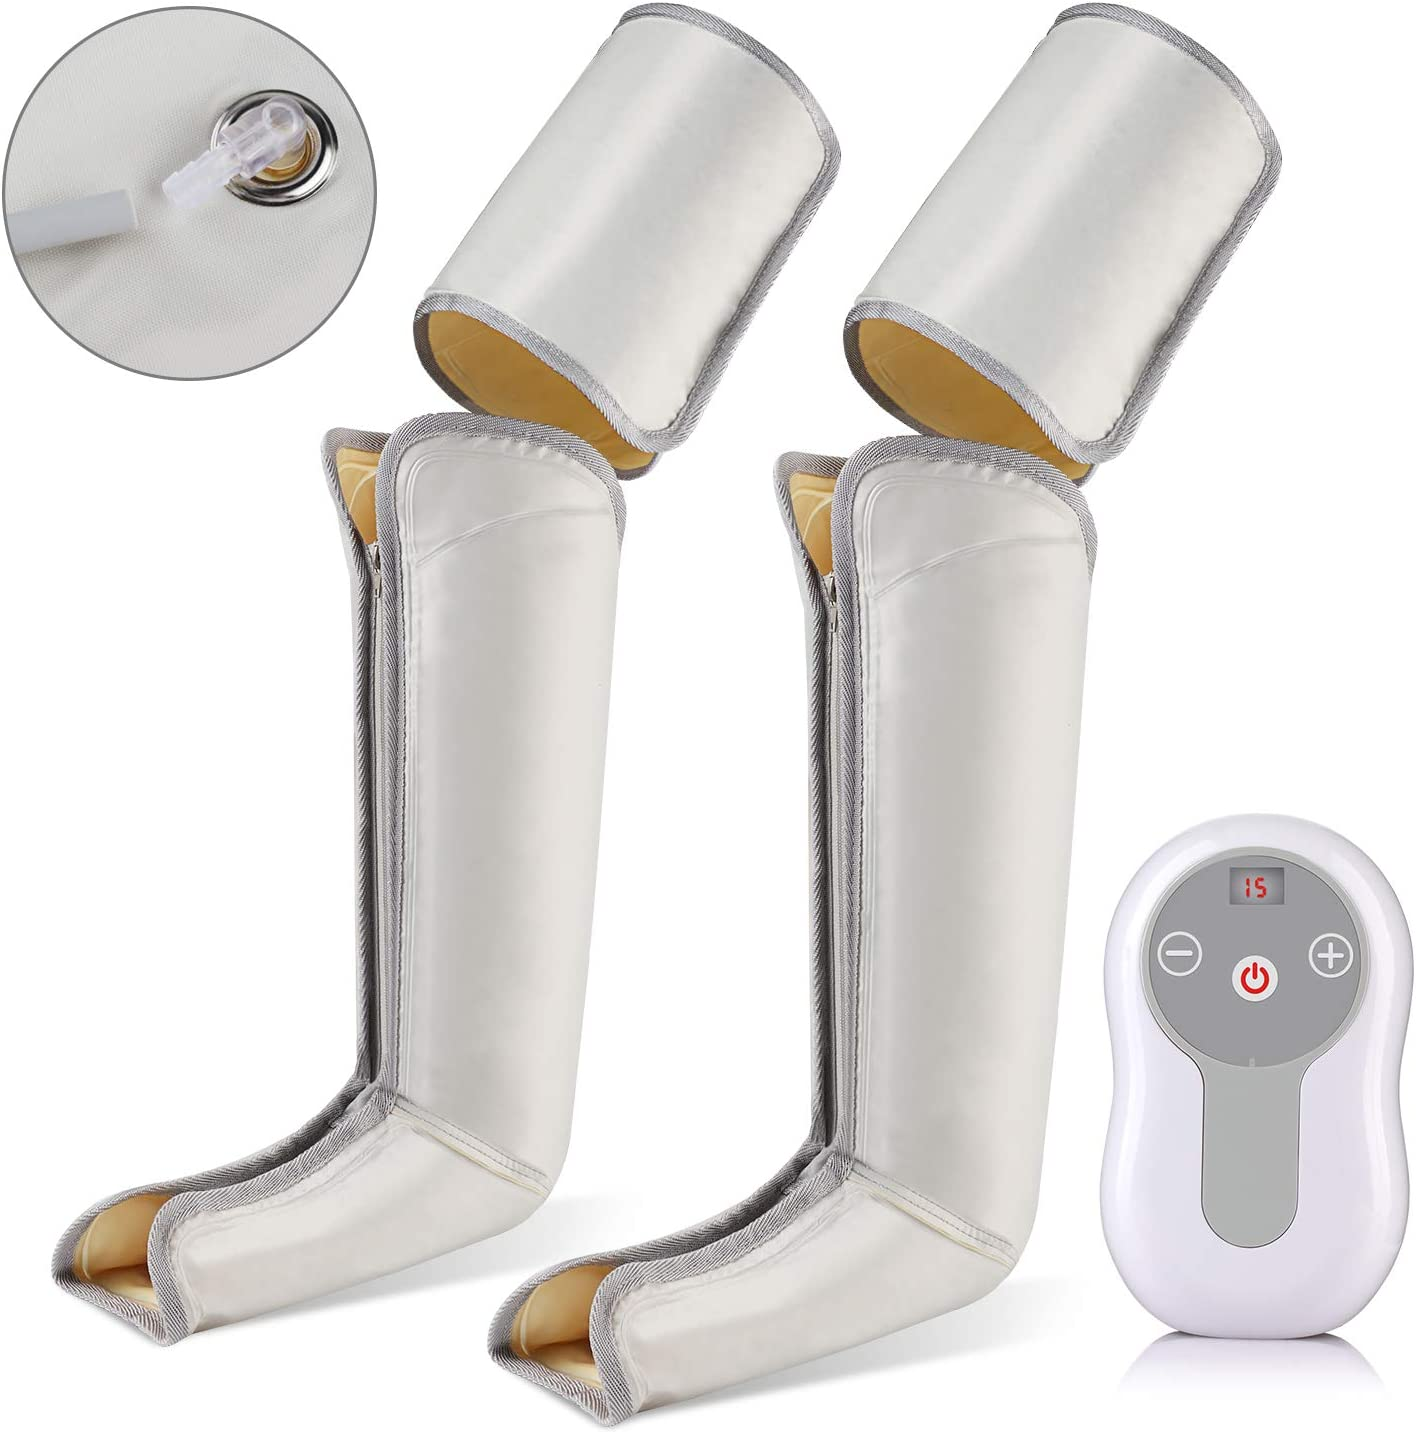 Maquina de Presoterapia Profesional Completa, Vinmori Presoterapia para Casa Masajeador de Pies y Piernas con Compresión 9 Niveles de Intensidad Masaje de Presión por Aire